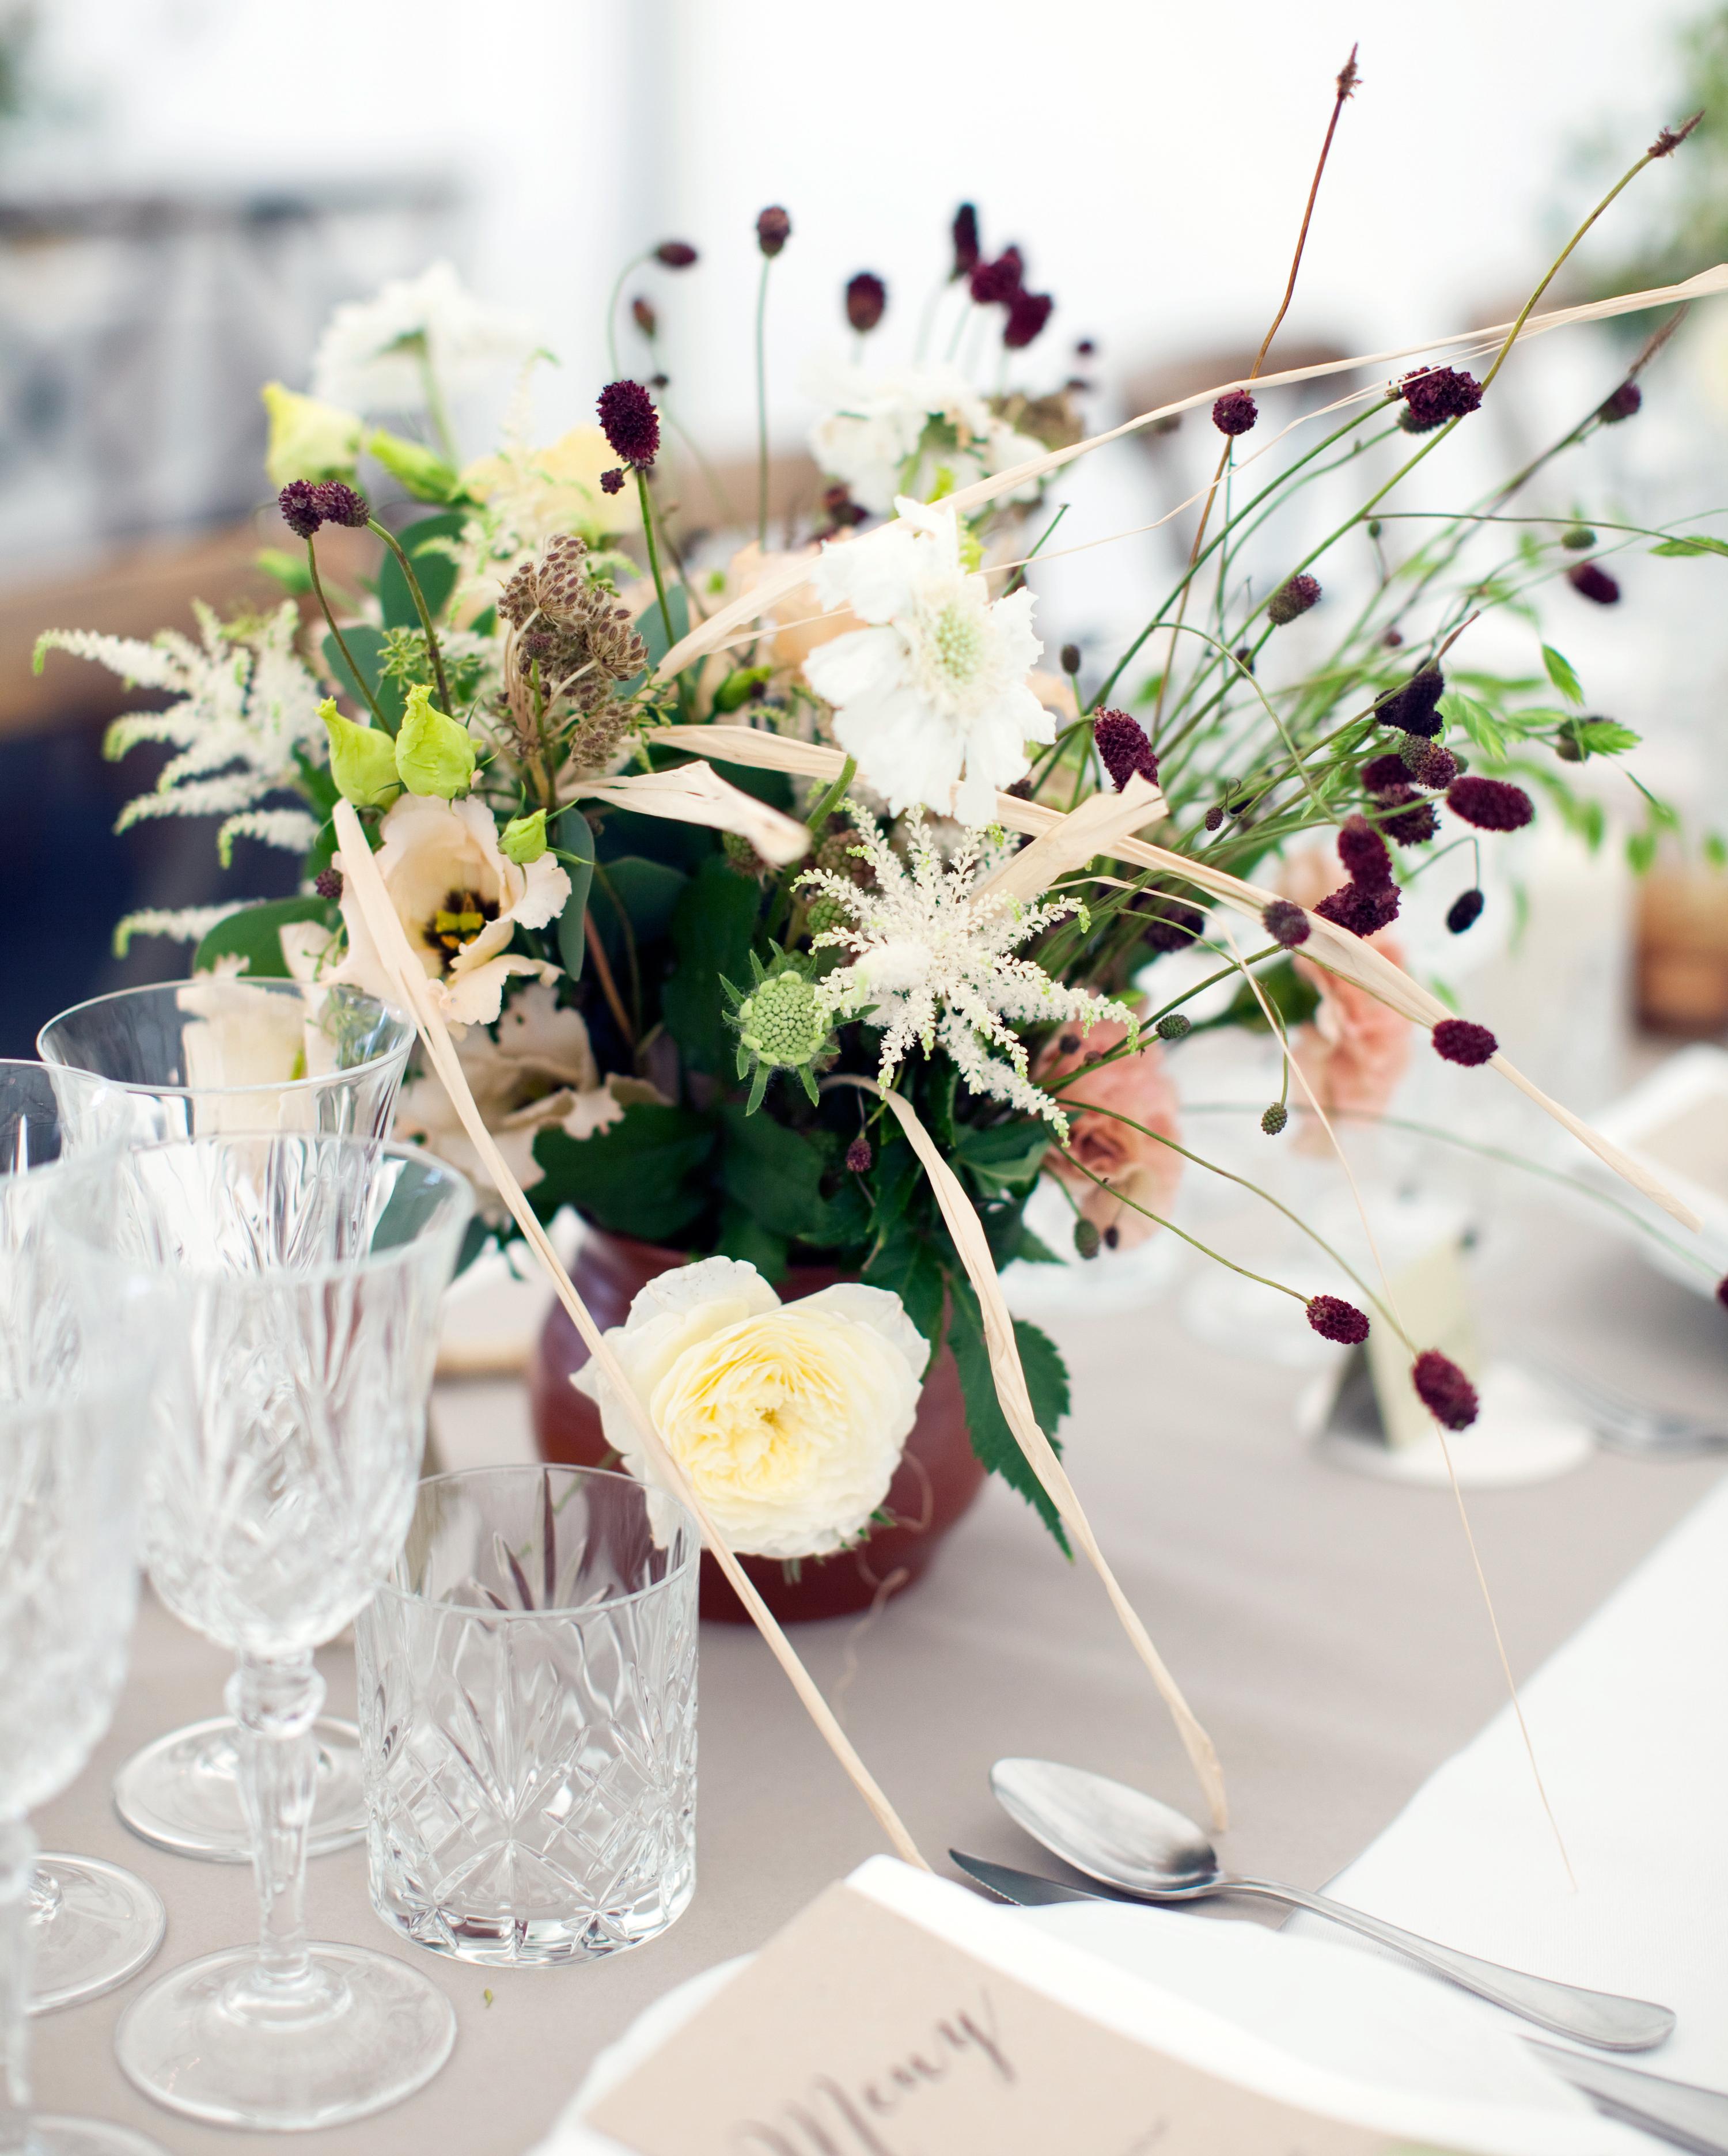 negin-chris-wedding-centerpiece-0525-s112116-0815.jpg